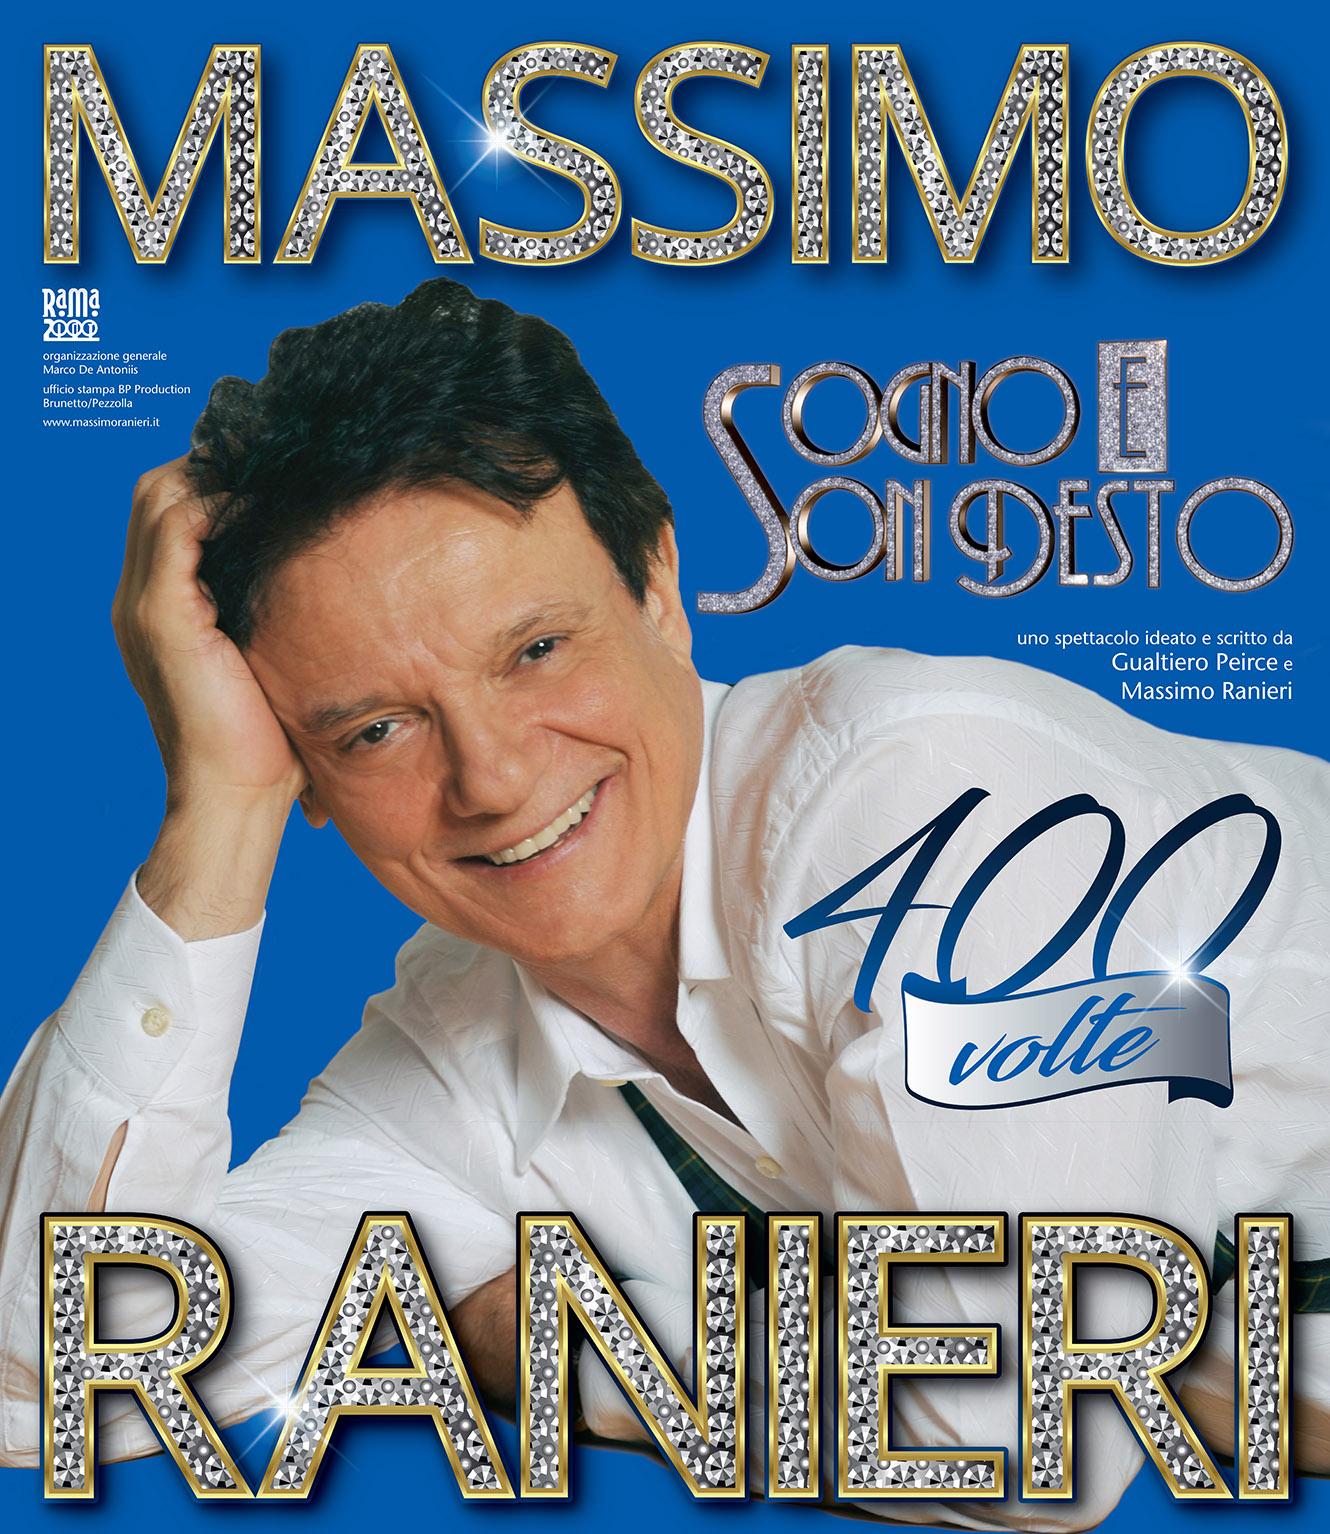 """Al Teatro Augusteo di Napoli sarà in scena Massimo Ranieri con lo spettacolo musicale """"Sogno e son desto 400 volte"""""""